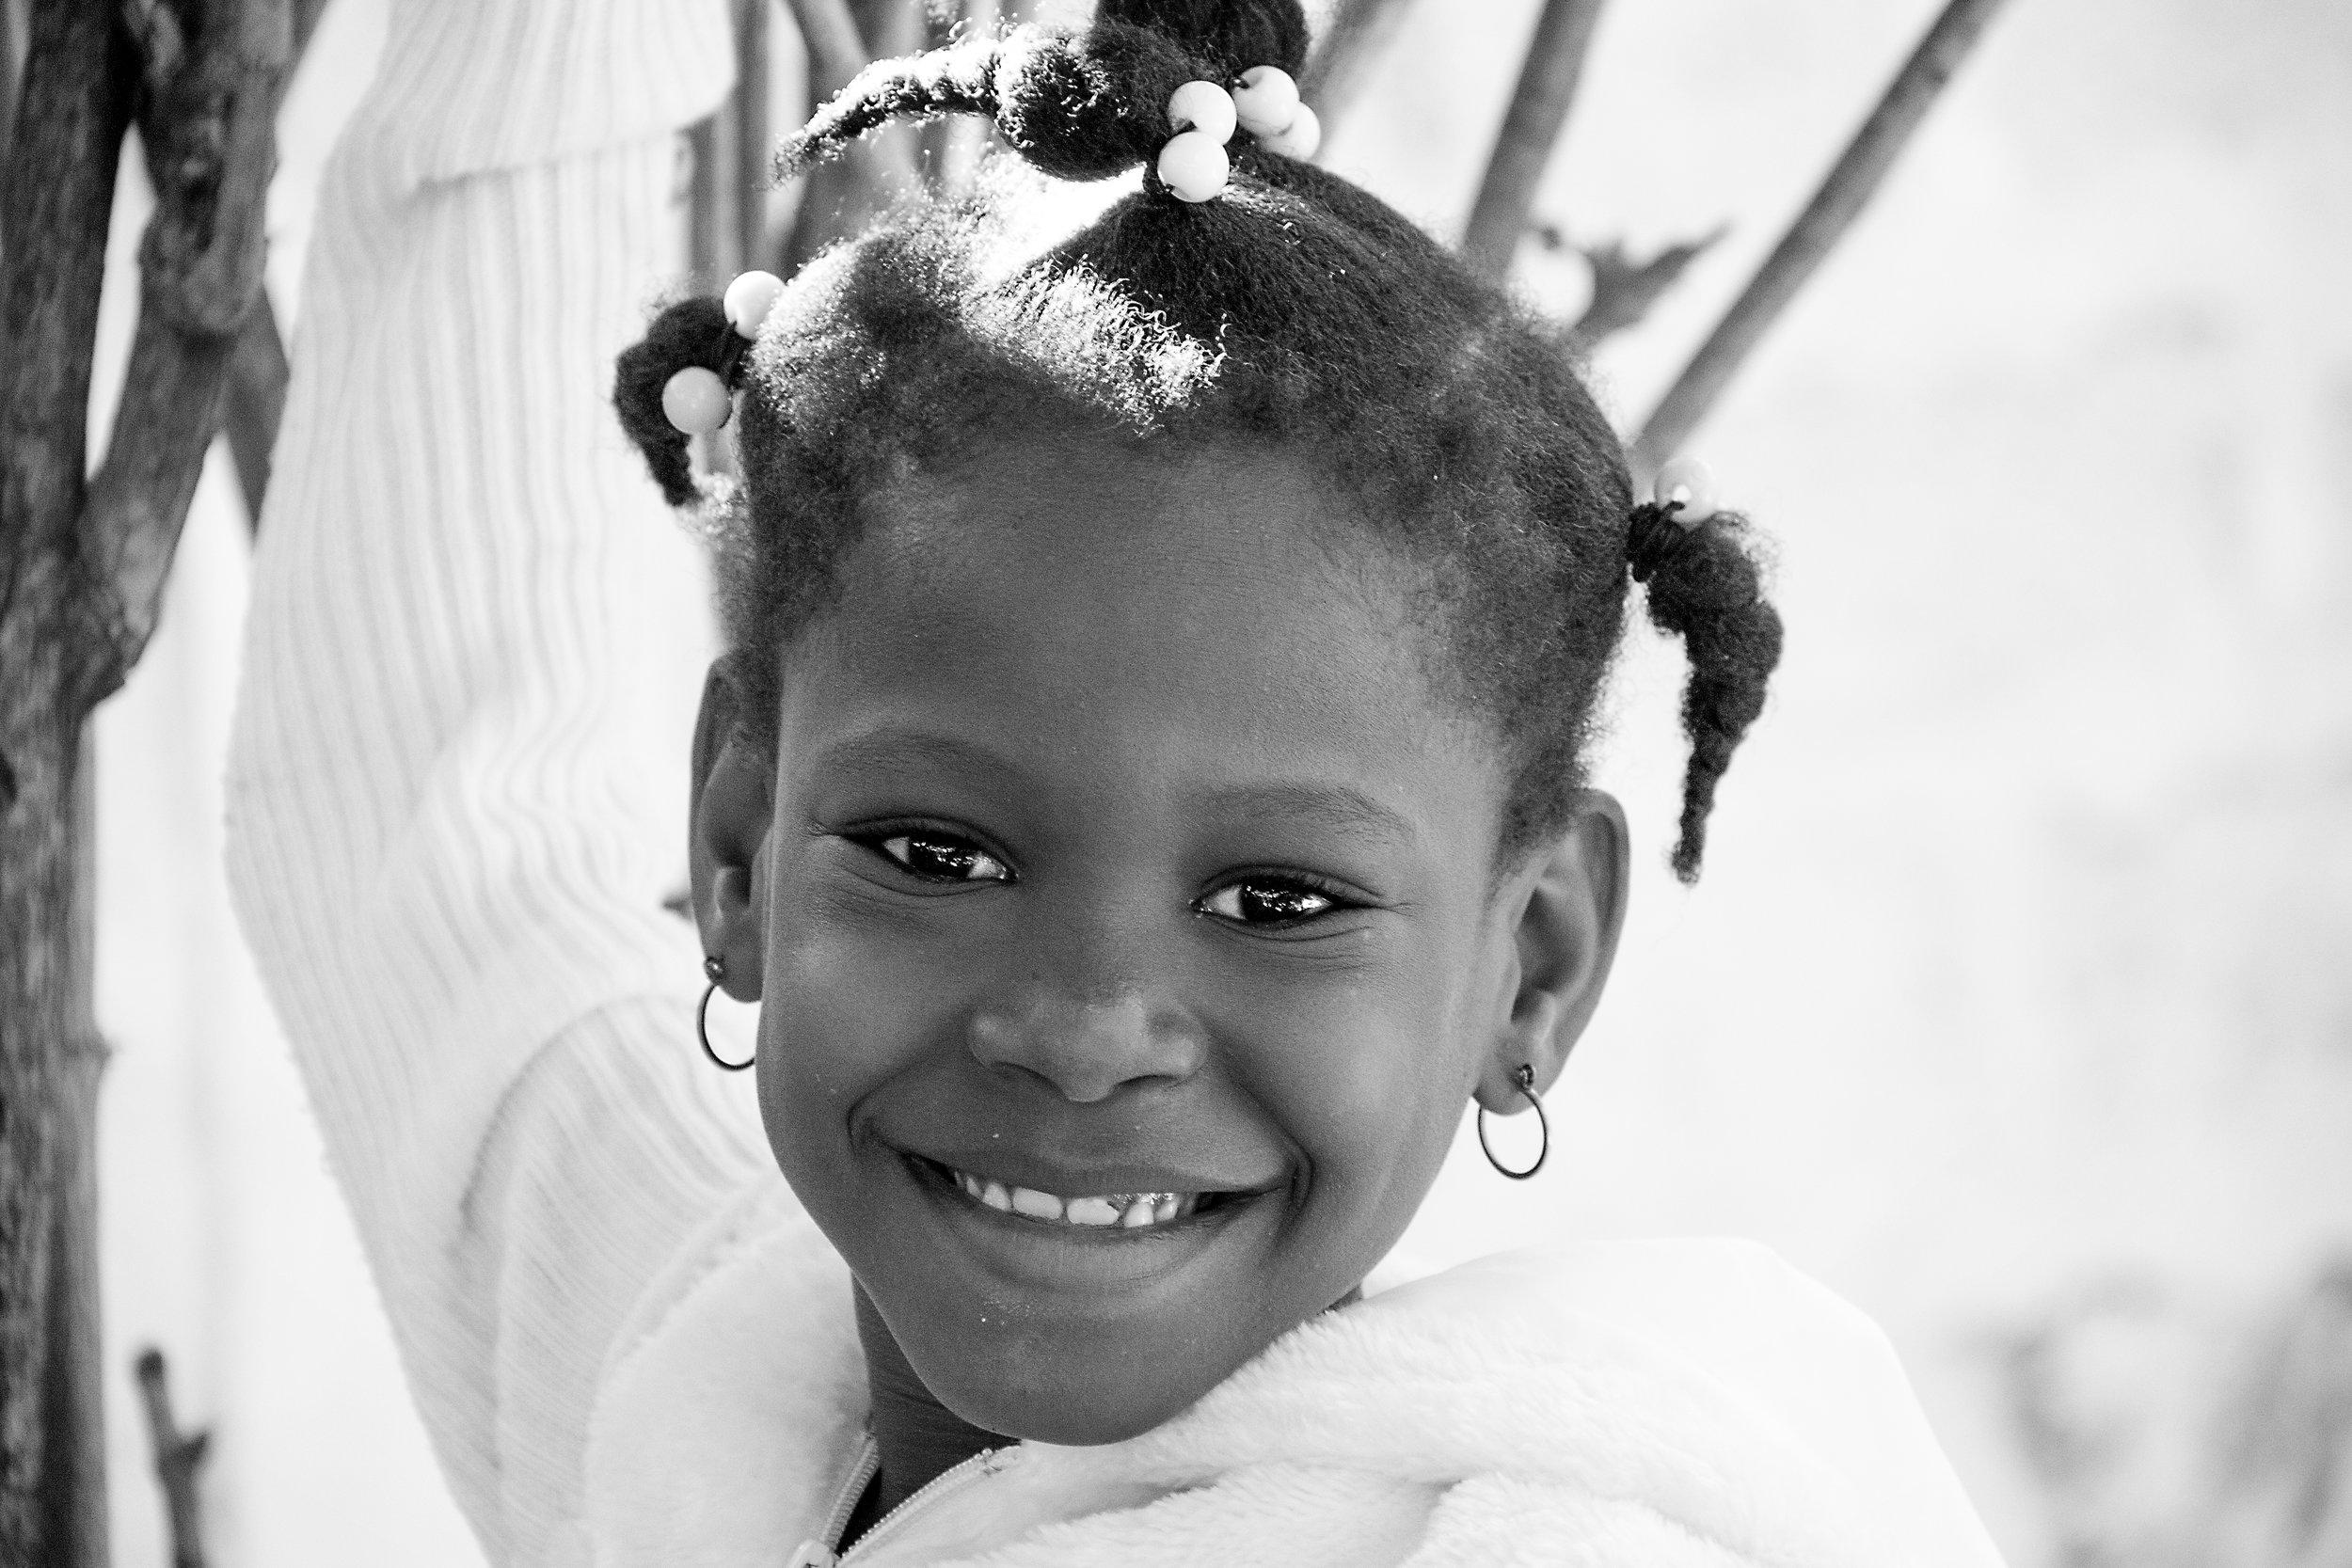 Haiti_blackandwhite.jpg